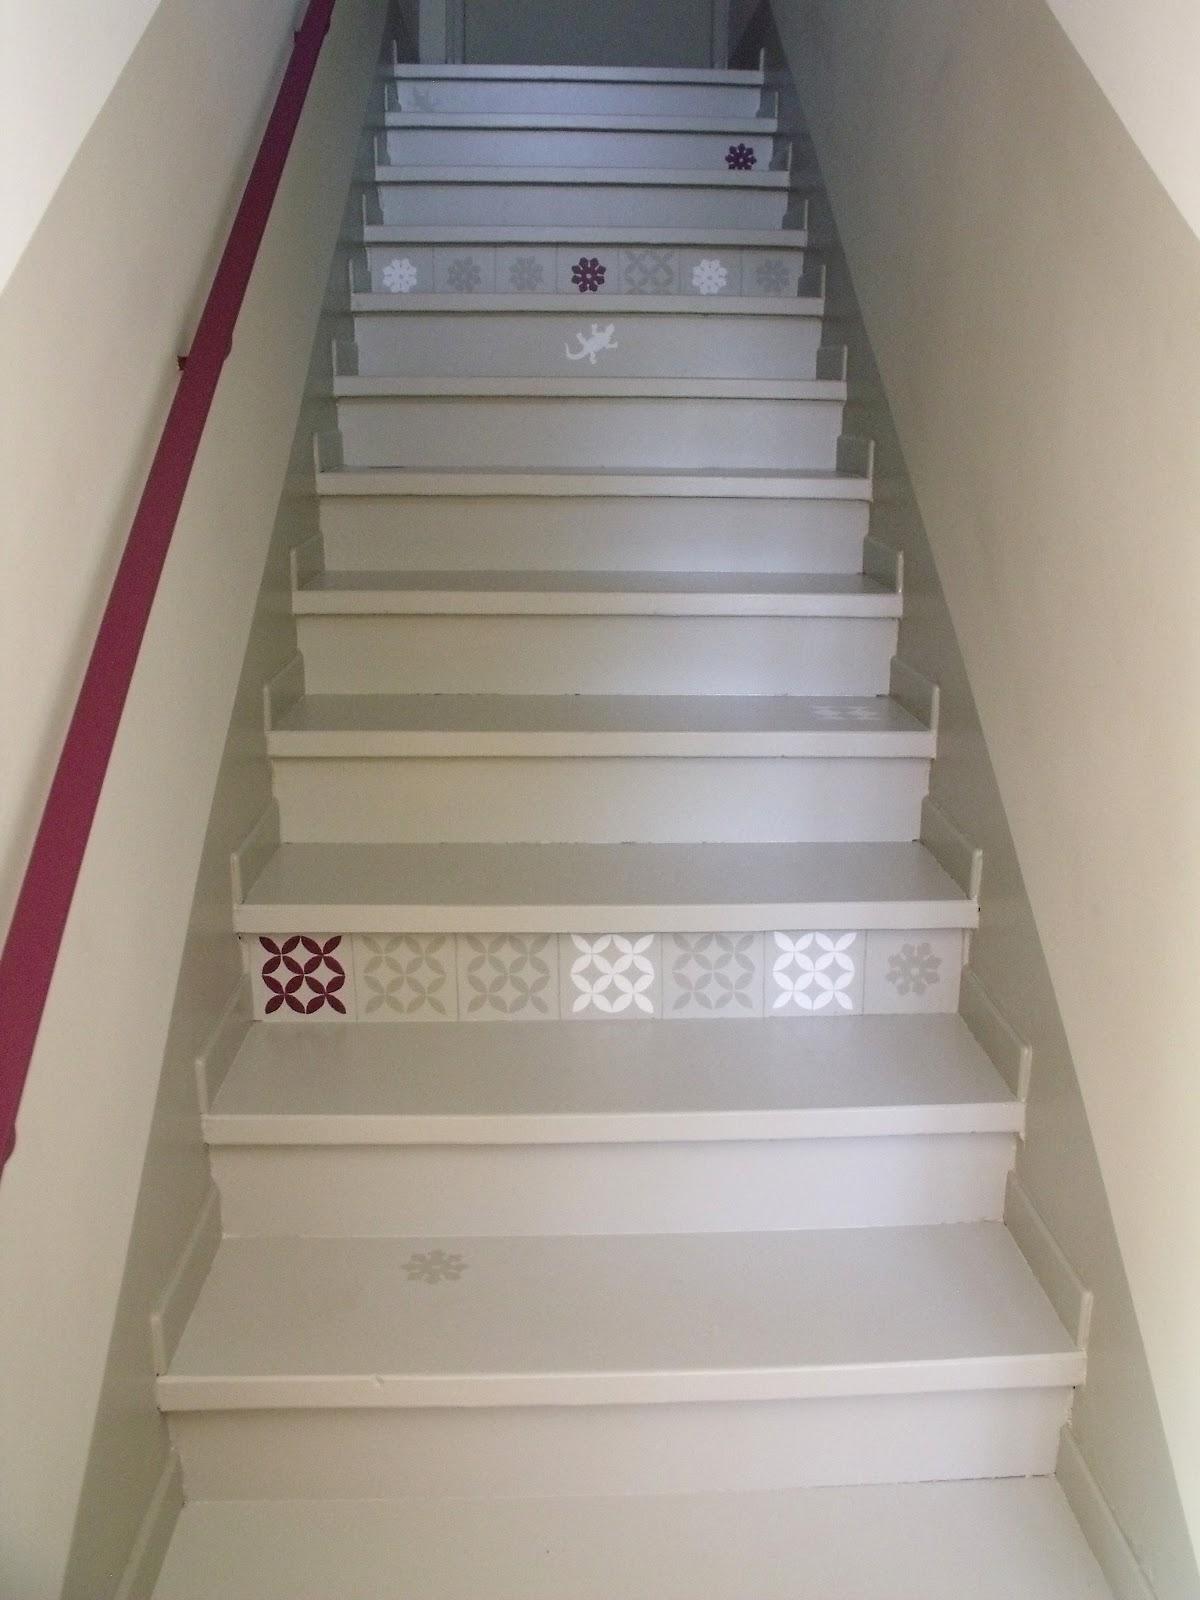 Peinture murale l 39 empreinte des patineuses for Peinture sol escalier